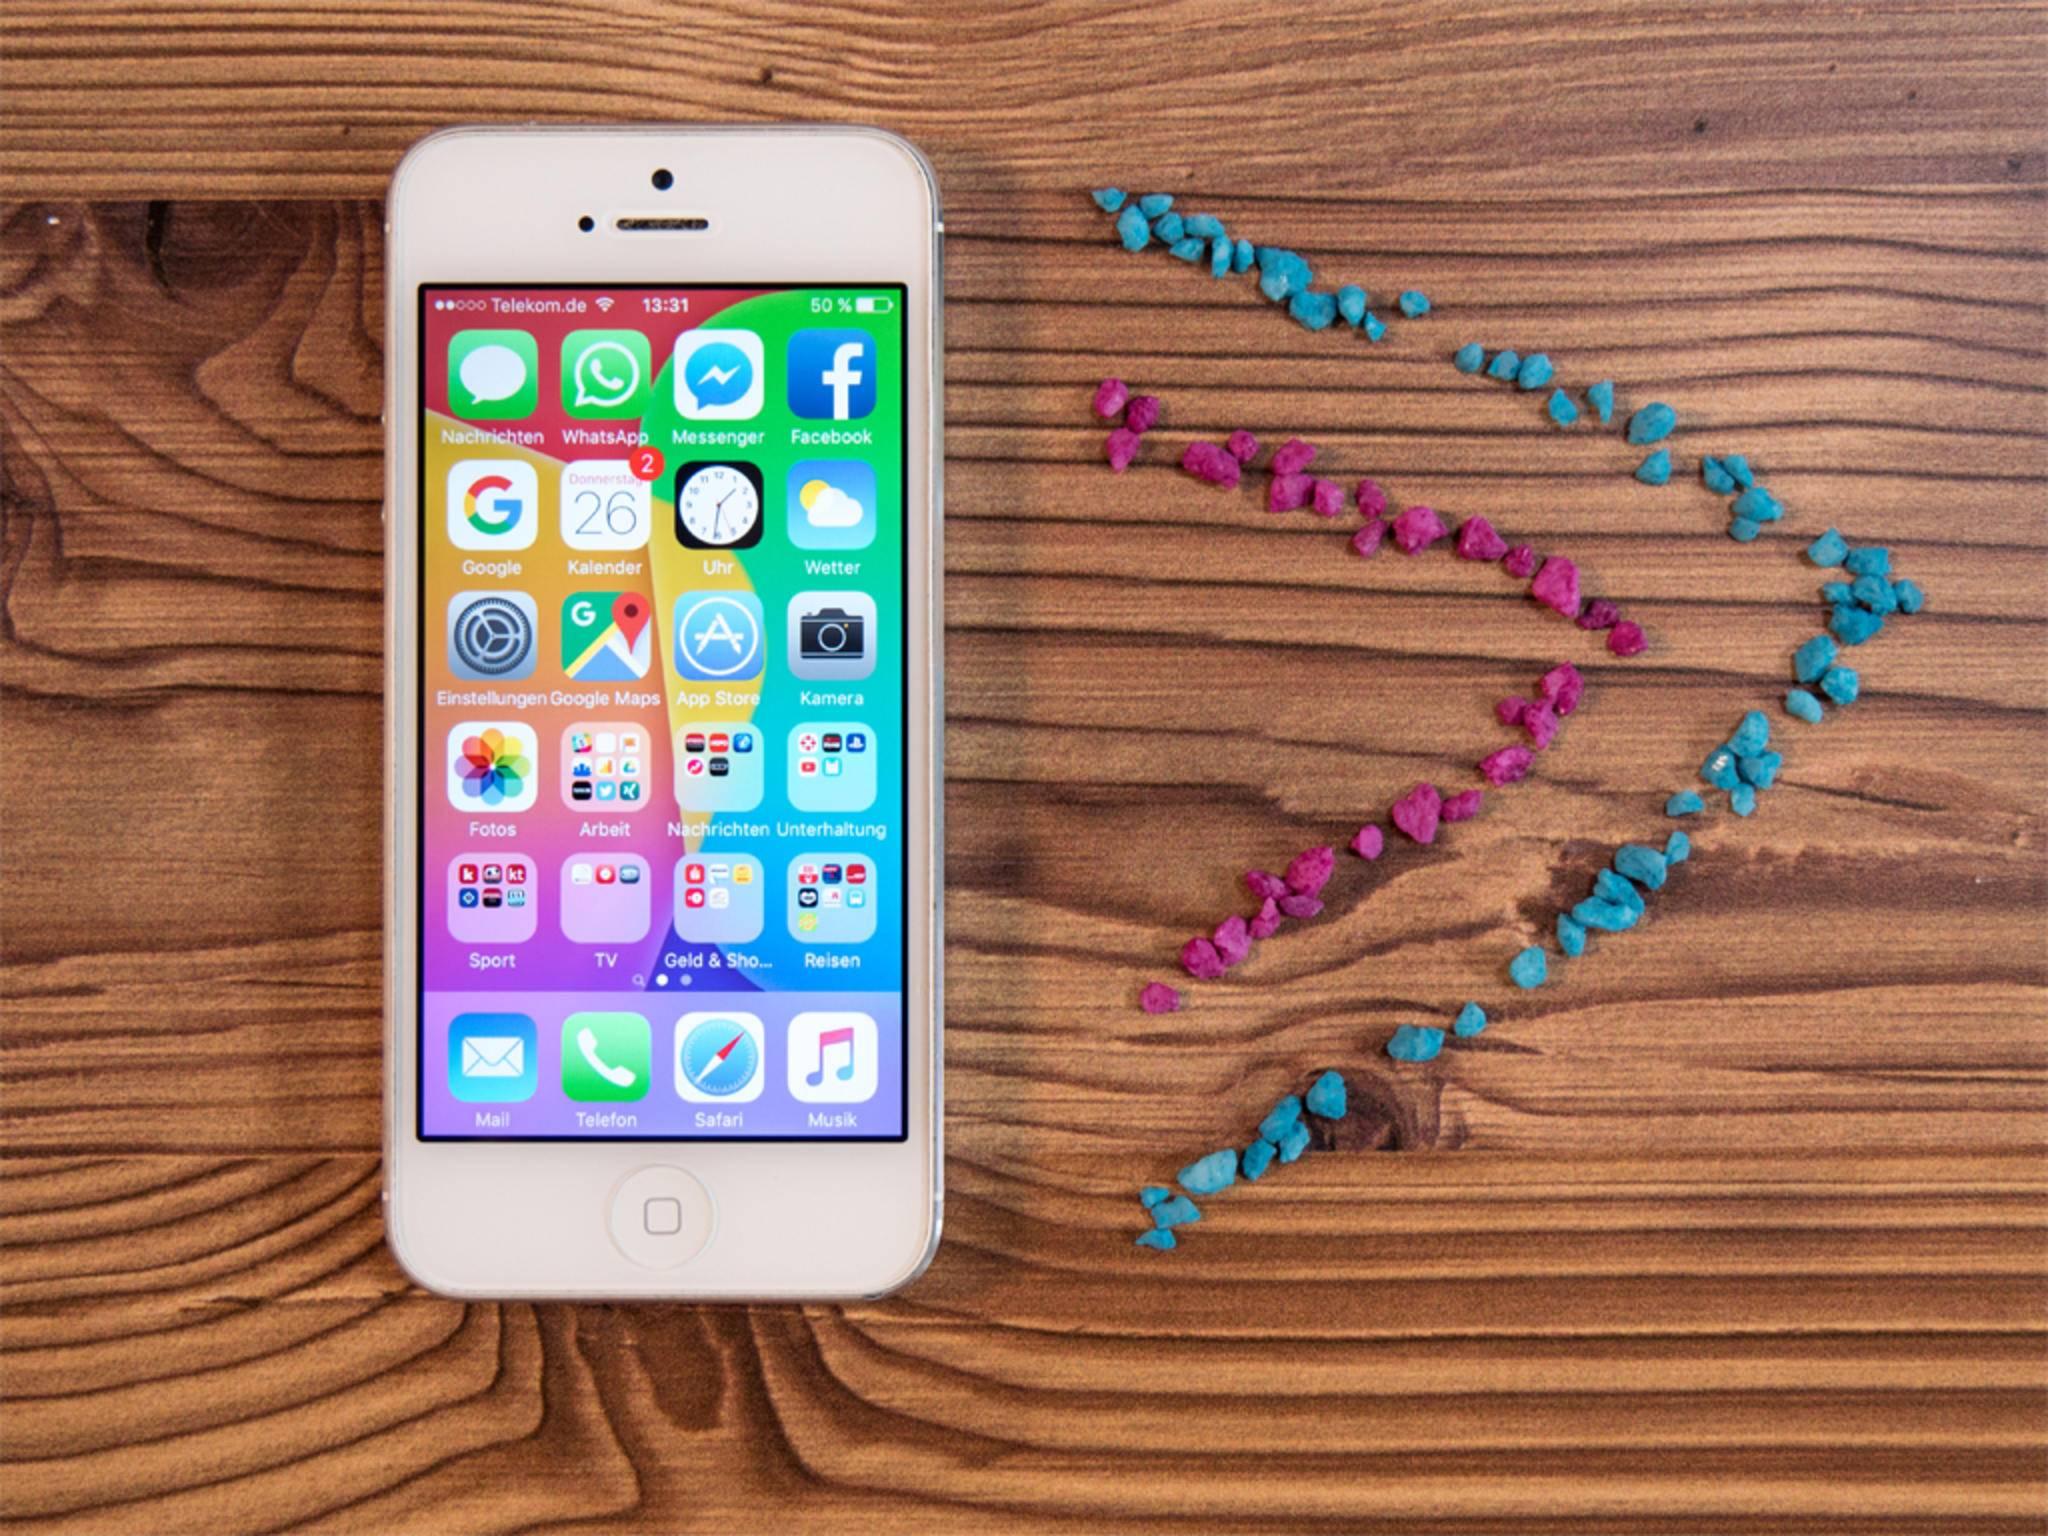 Zeig mir Deinen Homescreen und ich sag Dir, wer Du bist? 8 TURN ON-Redakteure verraten, wie die Startseite ihres Smartphones aussieht.